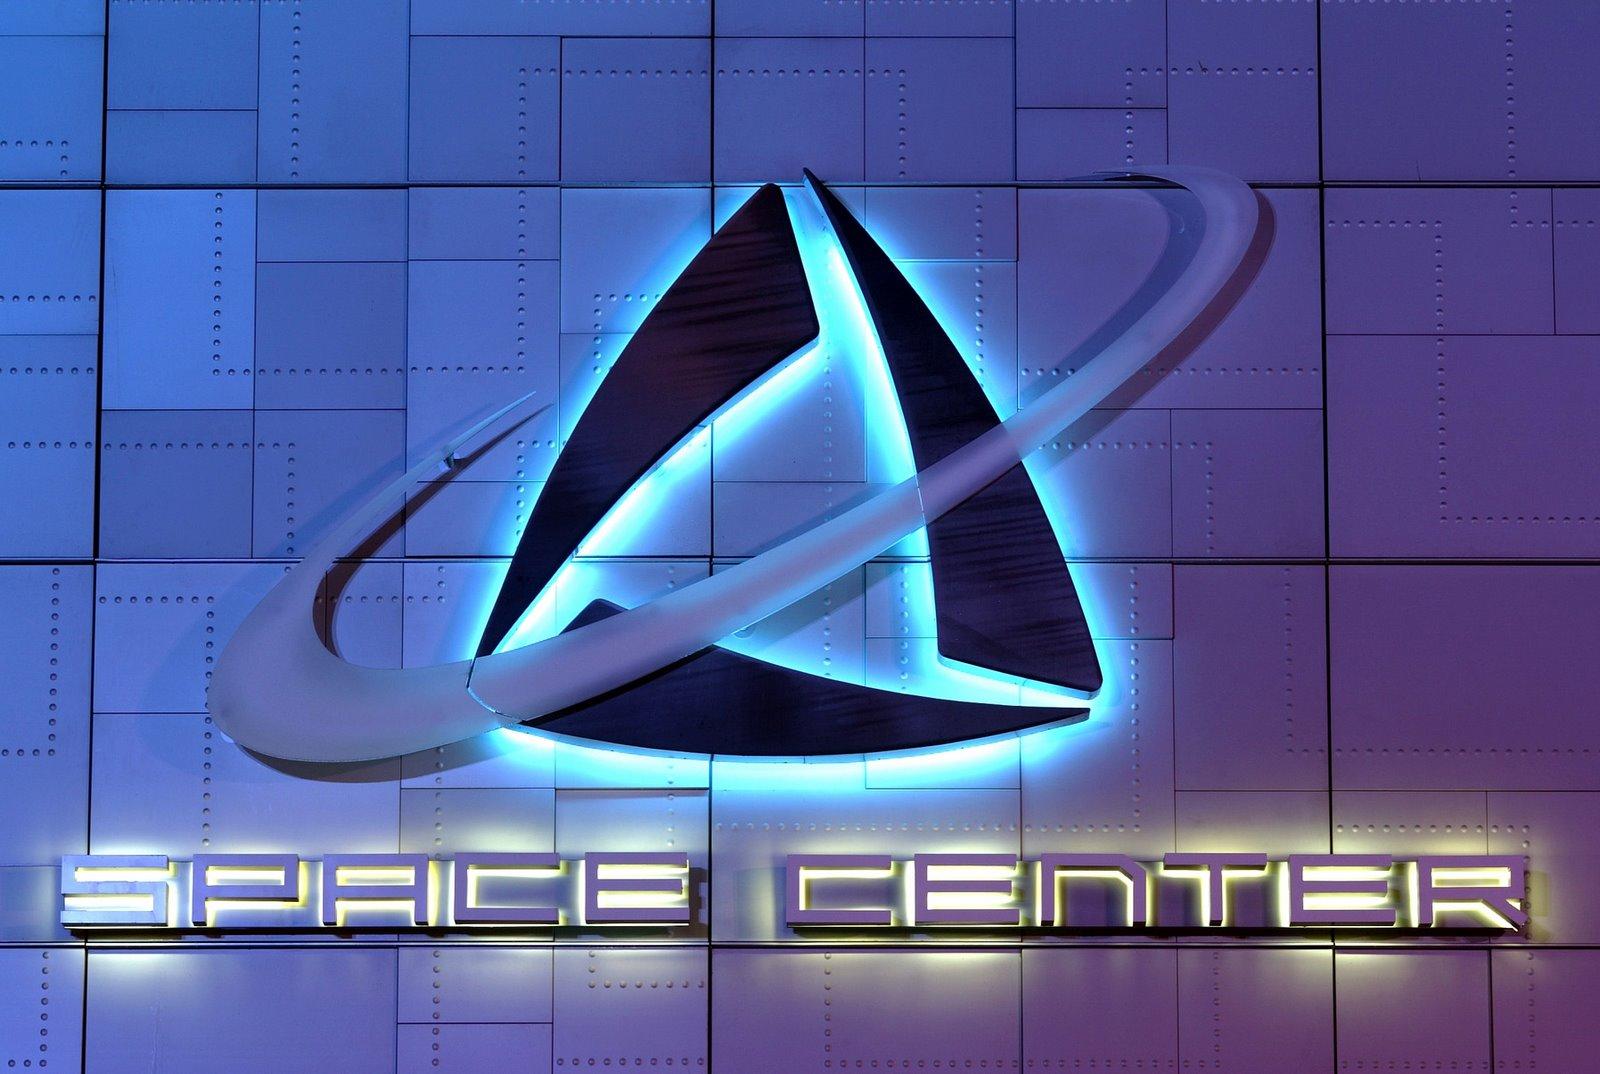 [space+center+logo]